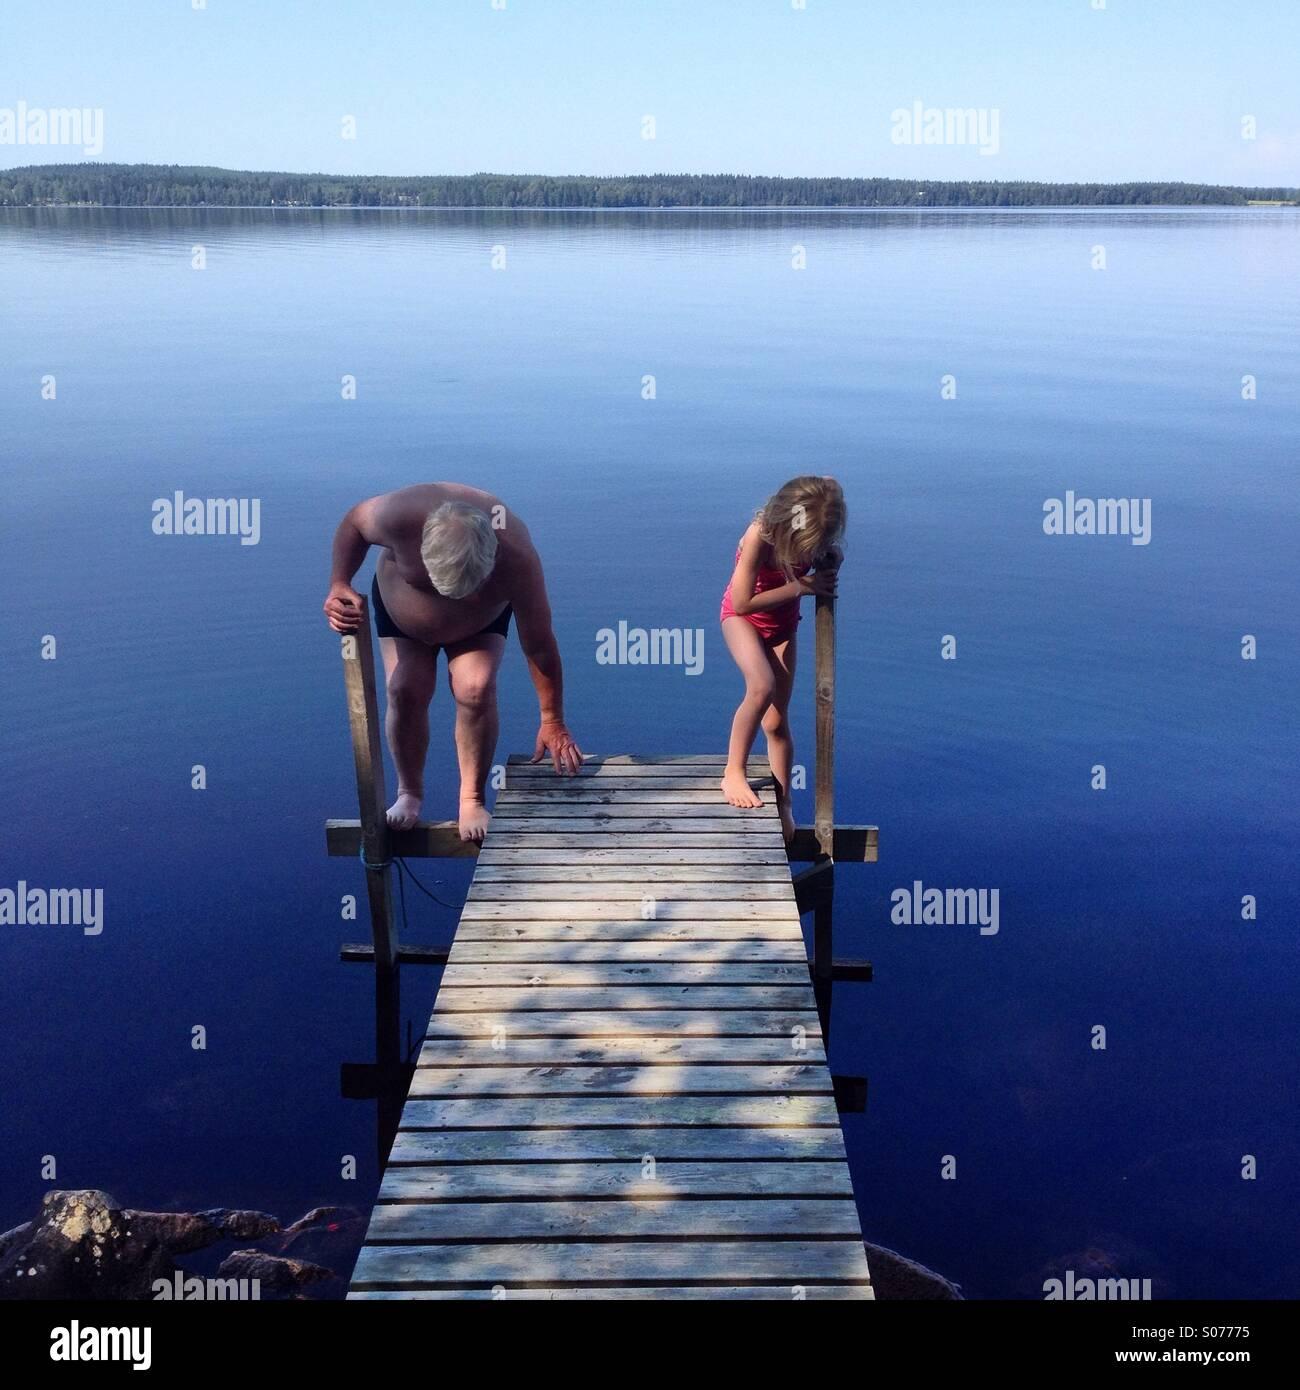 Avô e neta ir nadar no lago nórdico juntos Imagens de Stock